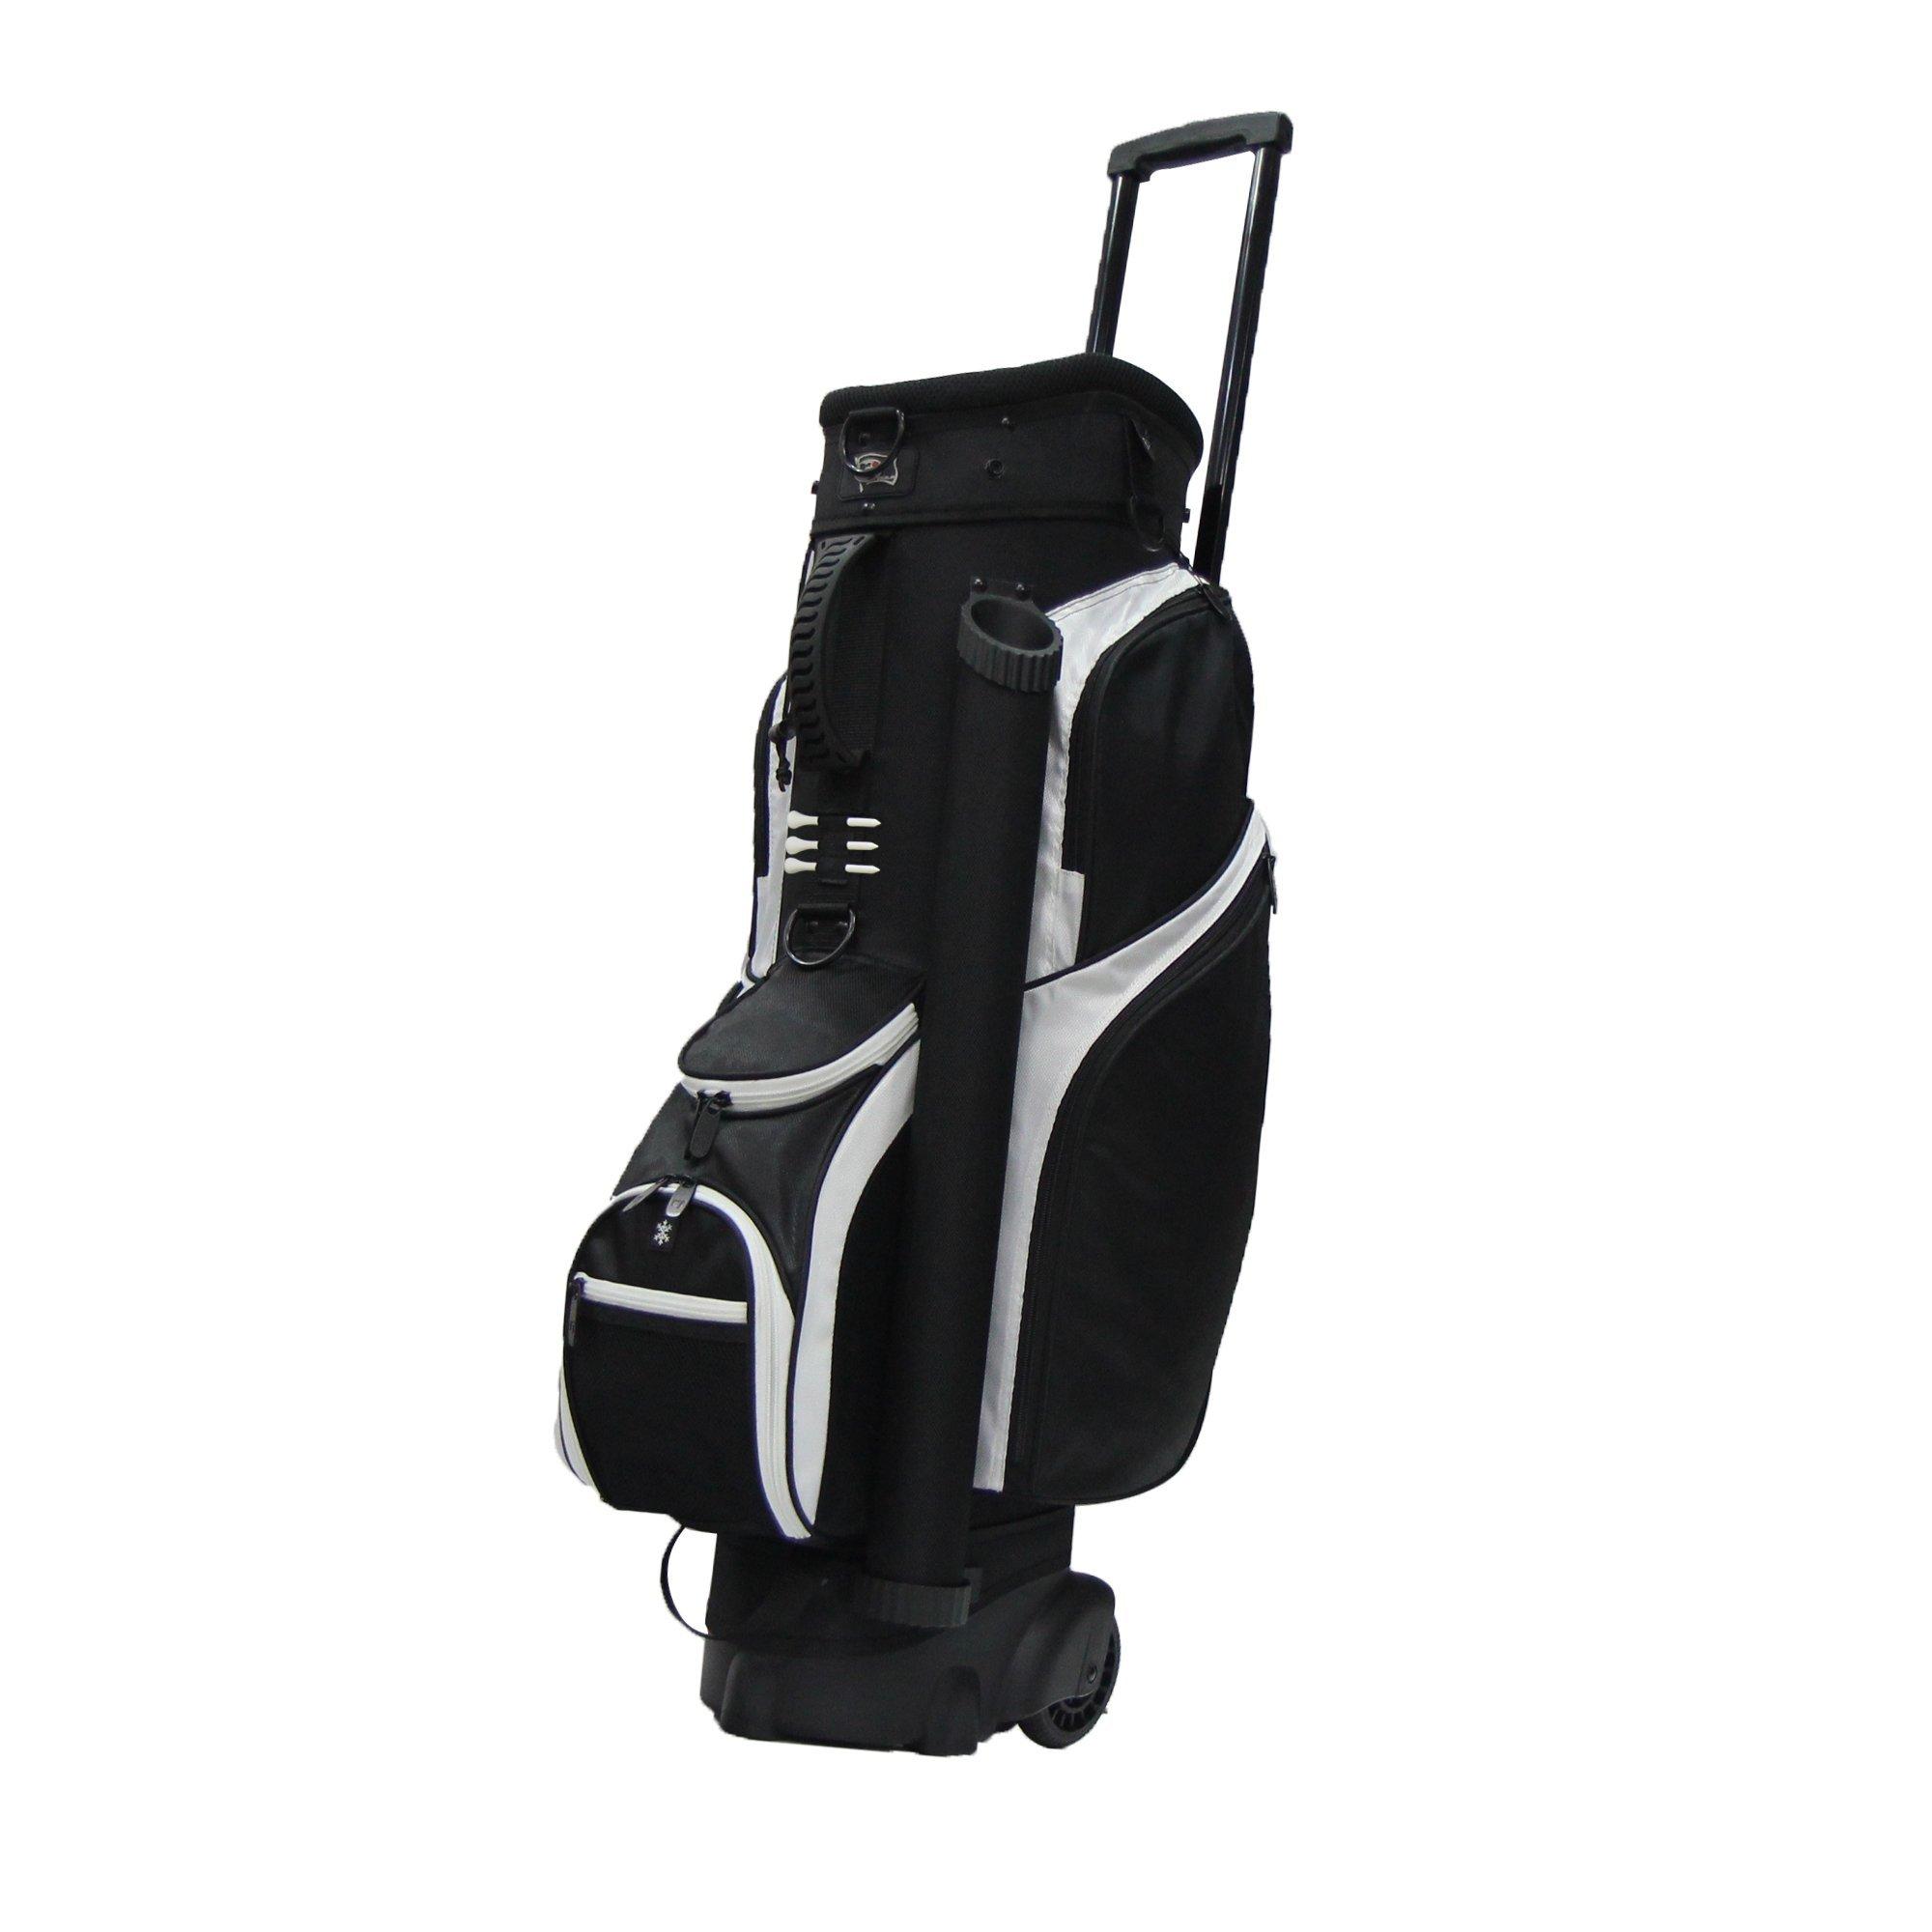 RJ Sports Spinner Transport Bag, 9.5'', Black/Black by R J Sports (Image #1)